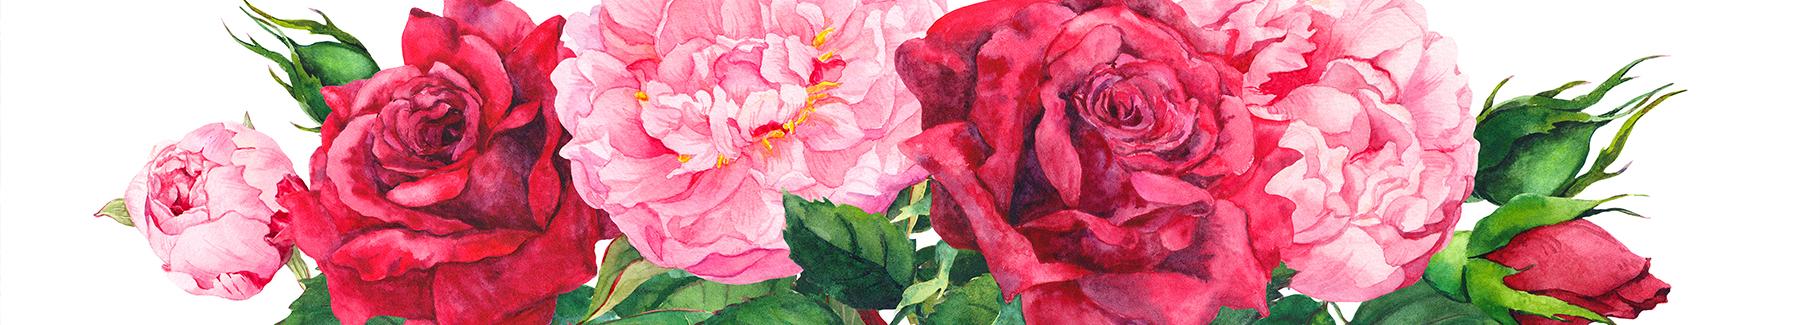 Naklejka róże i piwonie